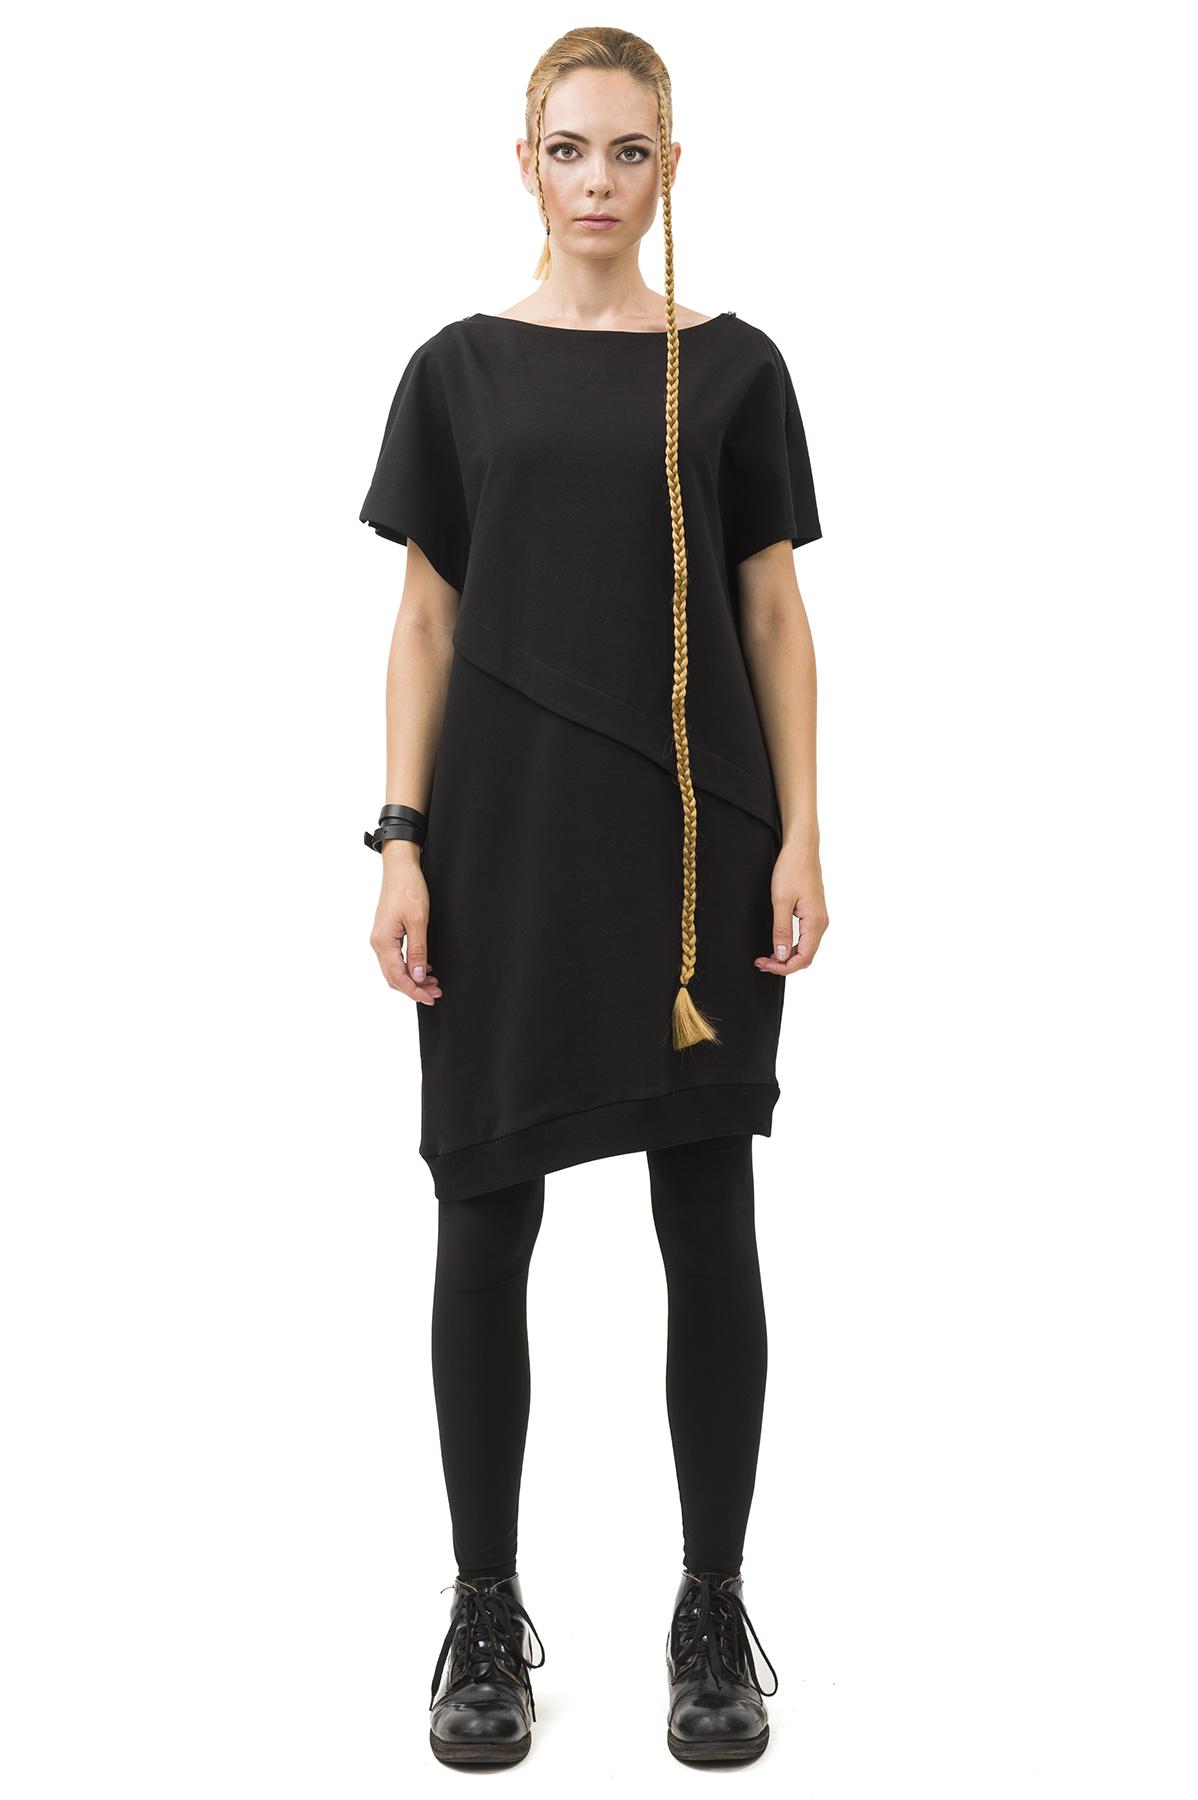 Платье-трансформерПлатья,  сарафаны<br>Платье Pavel Yerokin выполнено из хлопкового трикотажа. Особенности: расчлененный, асимметричный, свободный крой,  декоративные молнии на плечах, 2 кармана в боковых швах.<br><br>Цвет: черный<br>Состав: Хлопок - 80%, Полиэстер - 15%, Эластан - 5%<br>Размер: 40,42,44,46,48,50<br>Страна дизайна: Россия<br>Страна производства: Россия